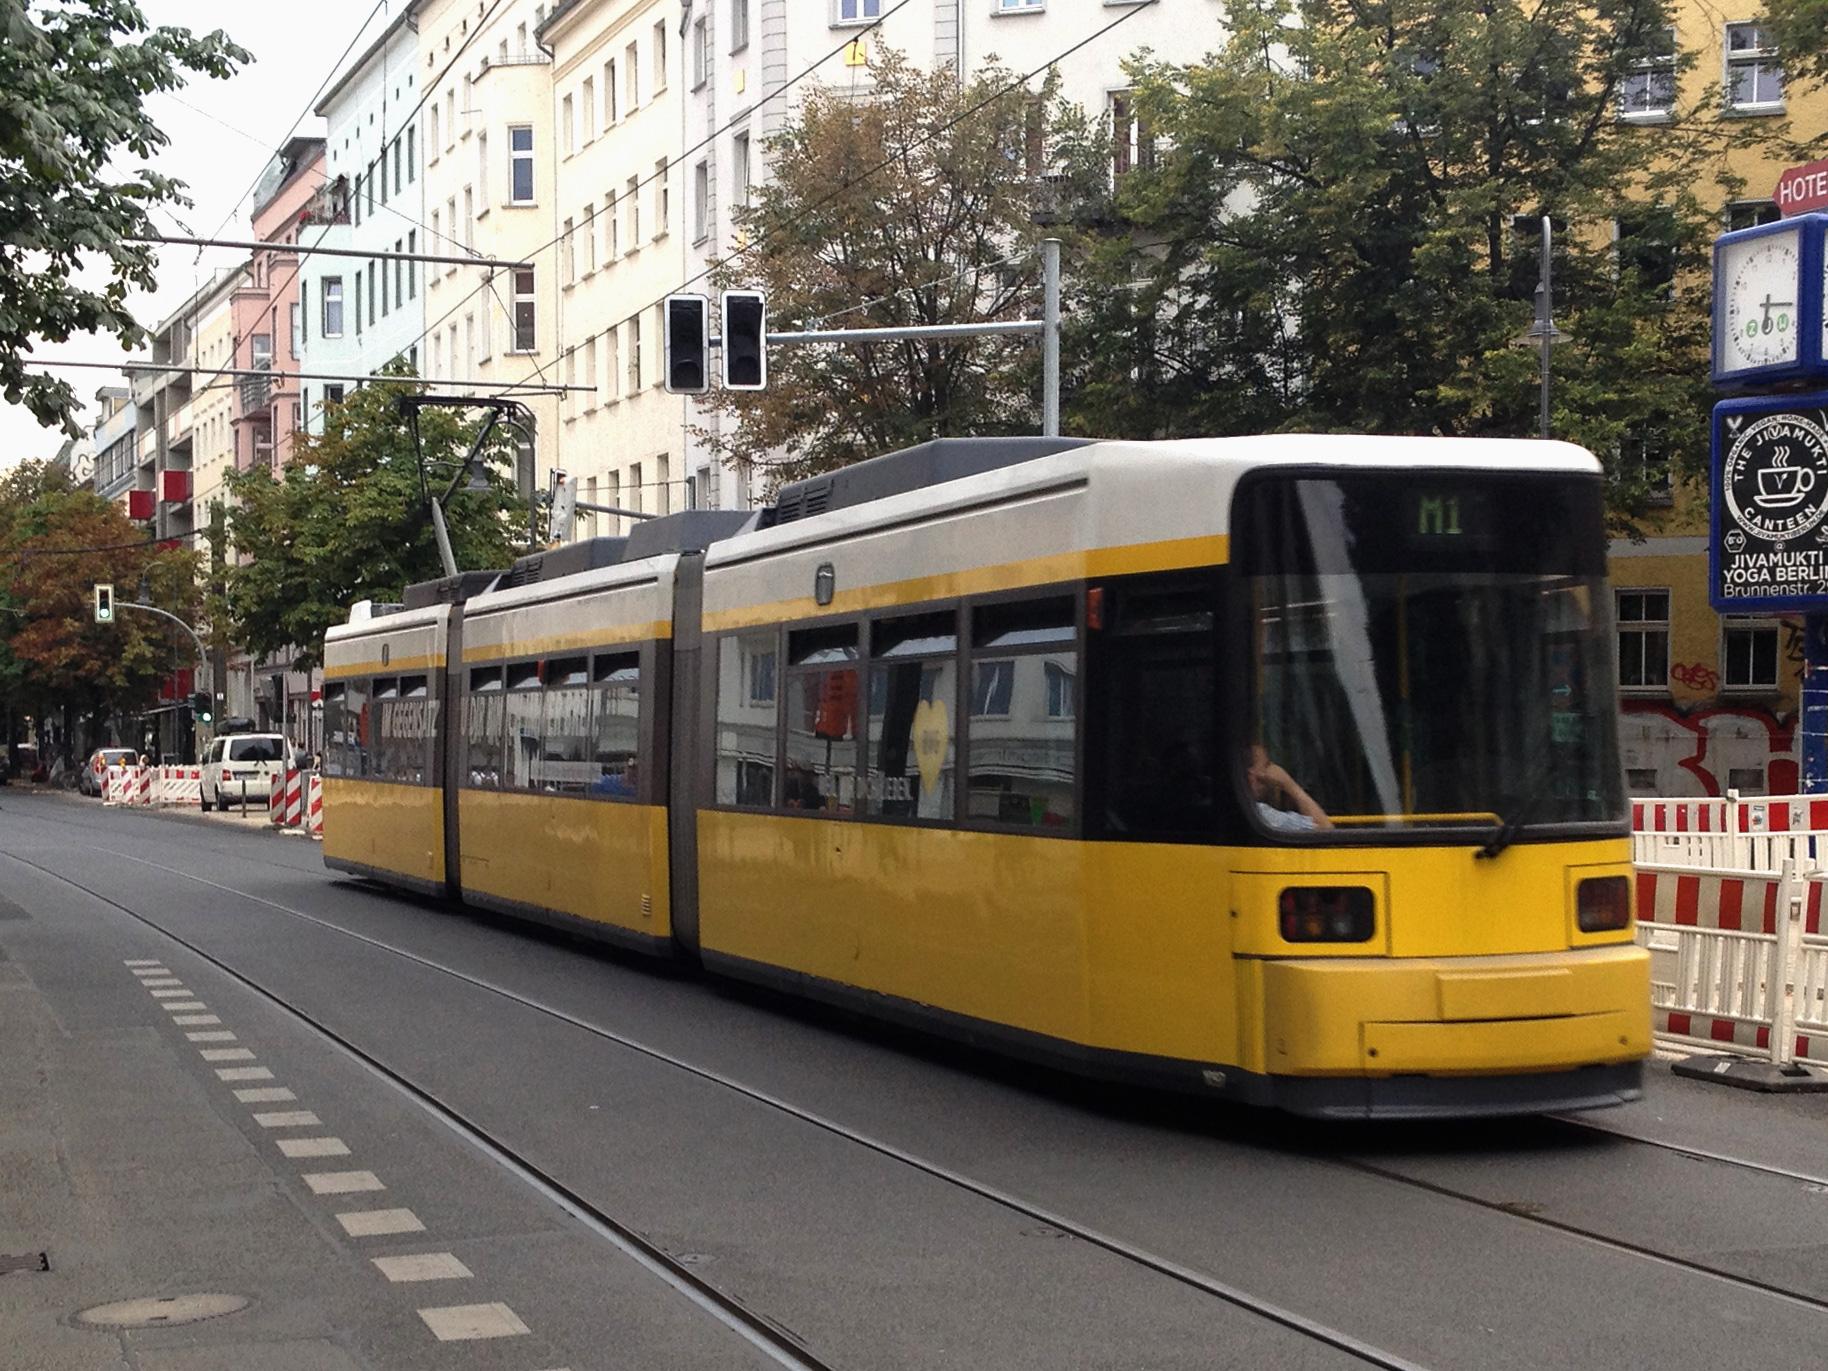 berlin public transport the tram grid. Black Bedroom Furniture Sets. Home Design Ideas